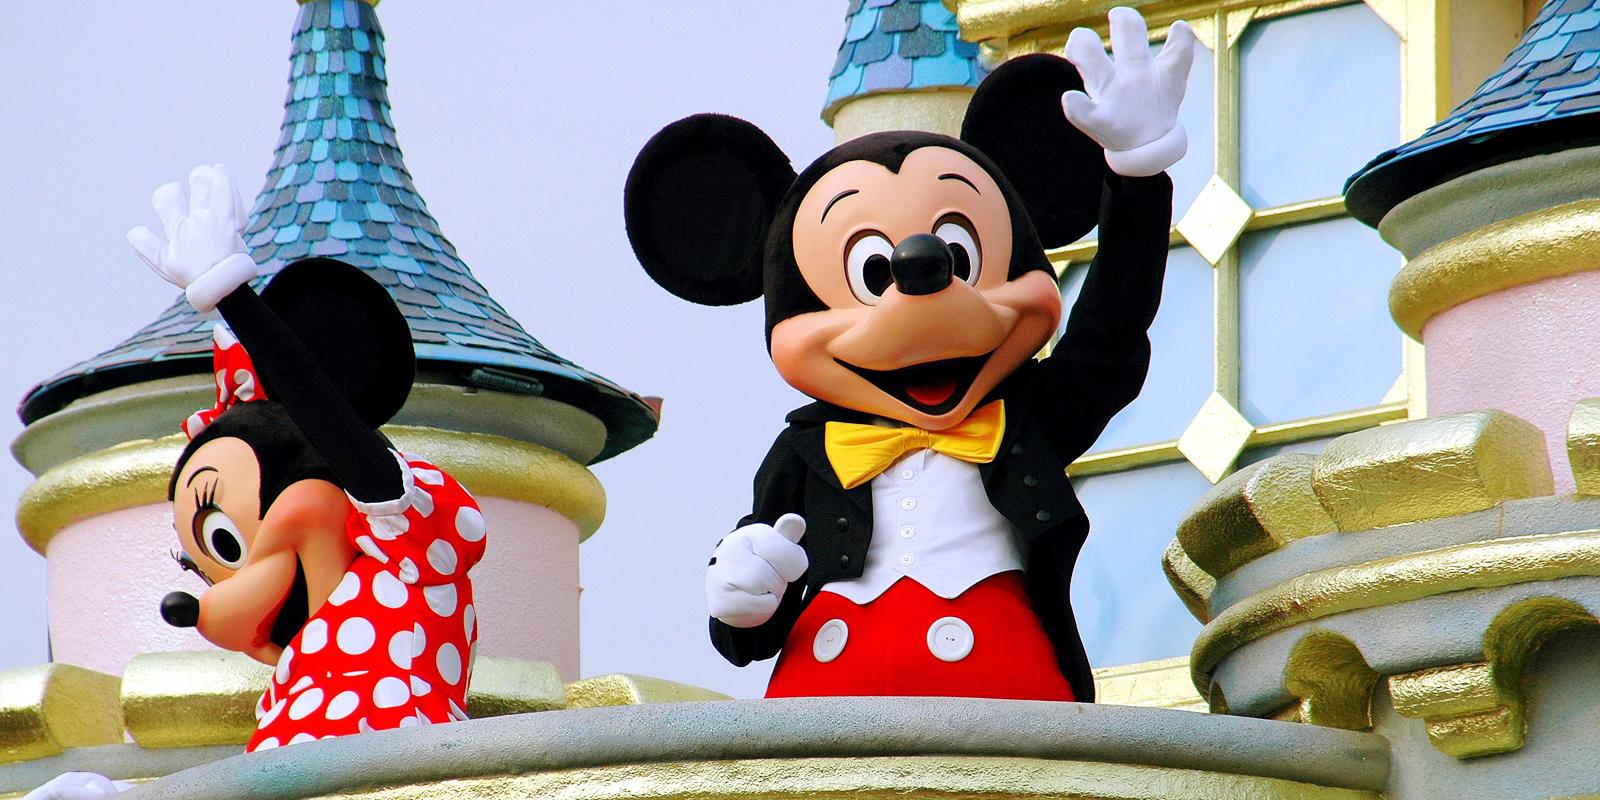 """Núcleo de Pós-graduação e Extensão da UNIFAAT promove palestra """"A conquista da excelência: o case Disney"""""""